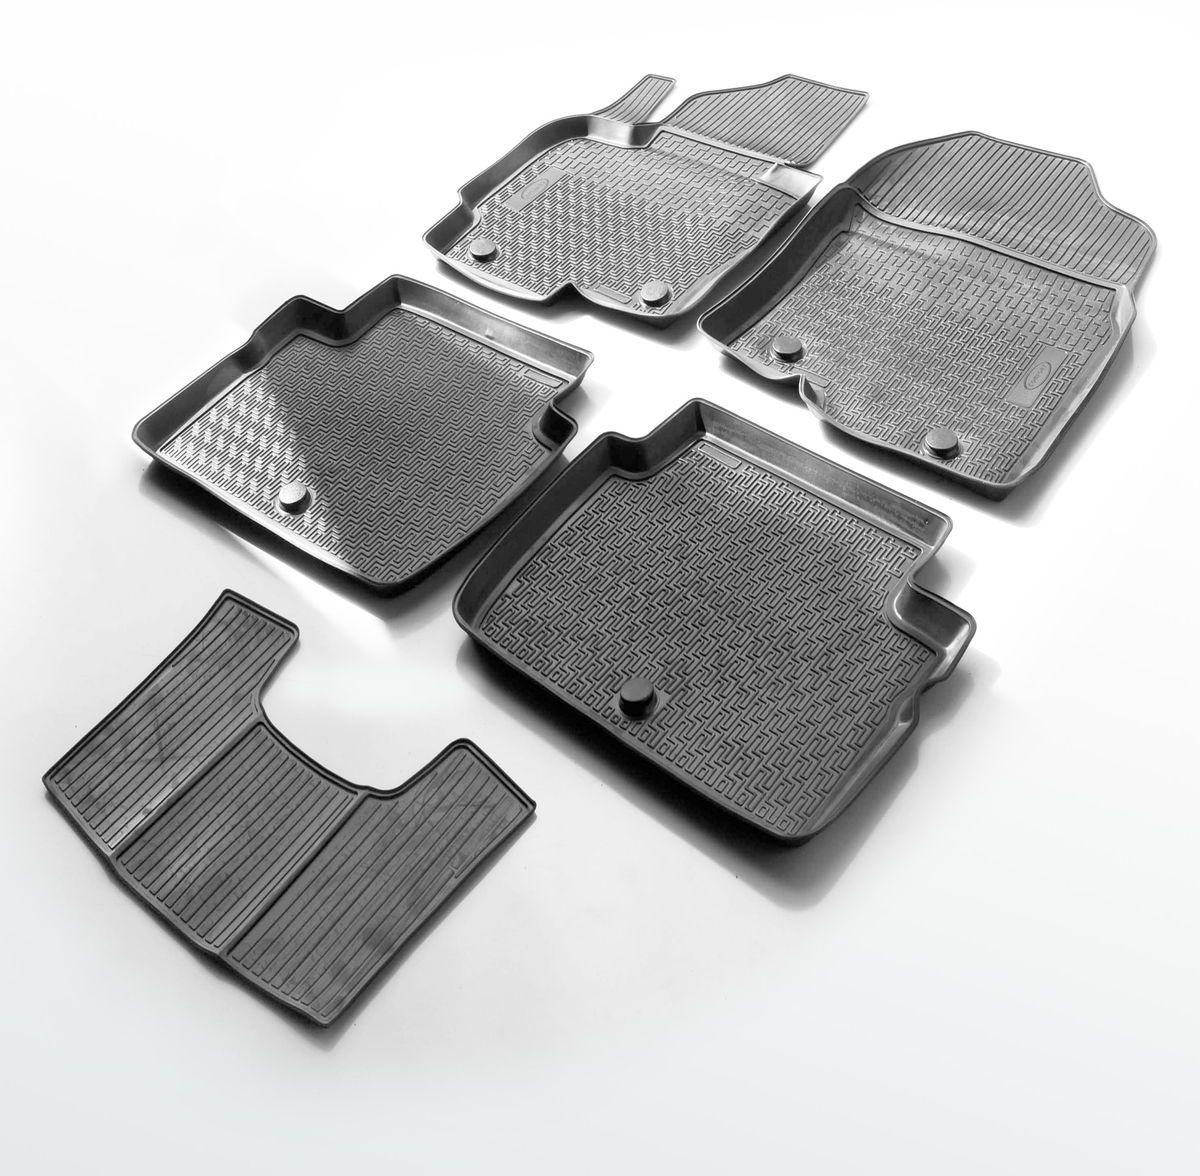 Коврики салона Rival для Hyundai Elantra 2016-, c перемычкой, полиуретан12301001Прочные и долговечные коврики Rival в салон автомобиля, изготовлены из высококачественного и экологичного сырья. Коврики полностью повторяют геометрию салона вашего автомобиля.- Надежная система крепления, позволяющая закрепить коврик на штатные элементы фиксации, в результате чего отсутствует эффект скольжения по салону автомобиля.- Высокая стойкость поверхности к стиранию.- Специализированный рисунок и высокий борт, препятствующие распространению грязи и жидкости по поверхности коврика.- Перемычка задних ковриков в комплекте предотвращает загрязнение тоннеля карданного вала.- Коврики произведены из первичных материалов, в результате чего отсутствует неприятный запах в салоне автомобиля.- Высокая эластичность, можно беспрепятственно эксплуатировать при температуре от -45°C до +45°C. Уважаемые клиенты! Обращаем ваше внимание, что коврики имеют форму, соответствующую модели данного автомобиля. Фото служит для визуального восприятия товара.